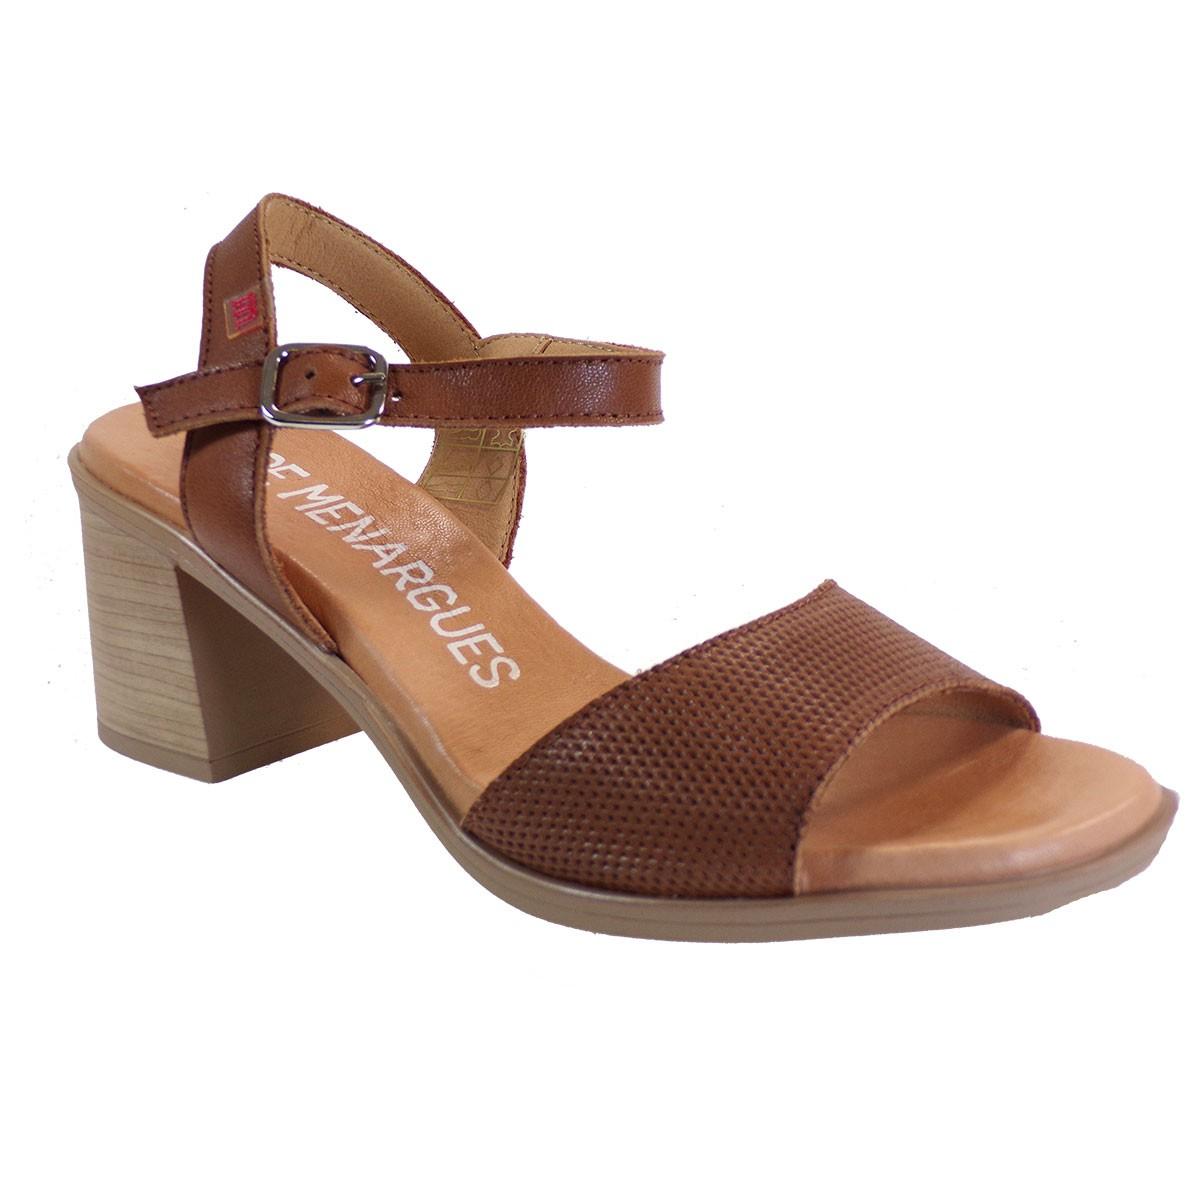 PEPE MENARGUES SHOES Γυναικεία Παπούτσια Πέδιλα 10425 Ταμπά Δέρμα